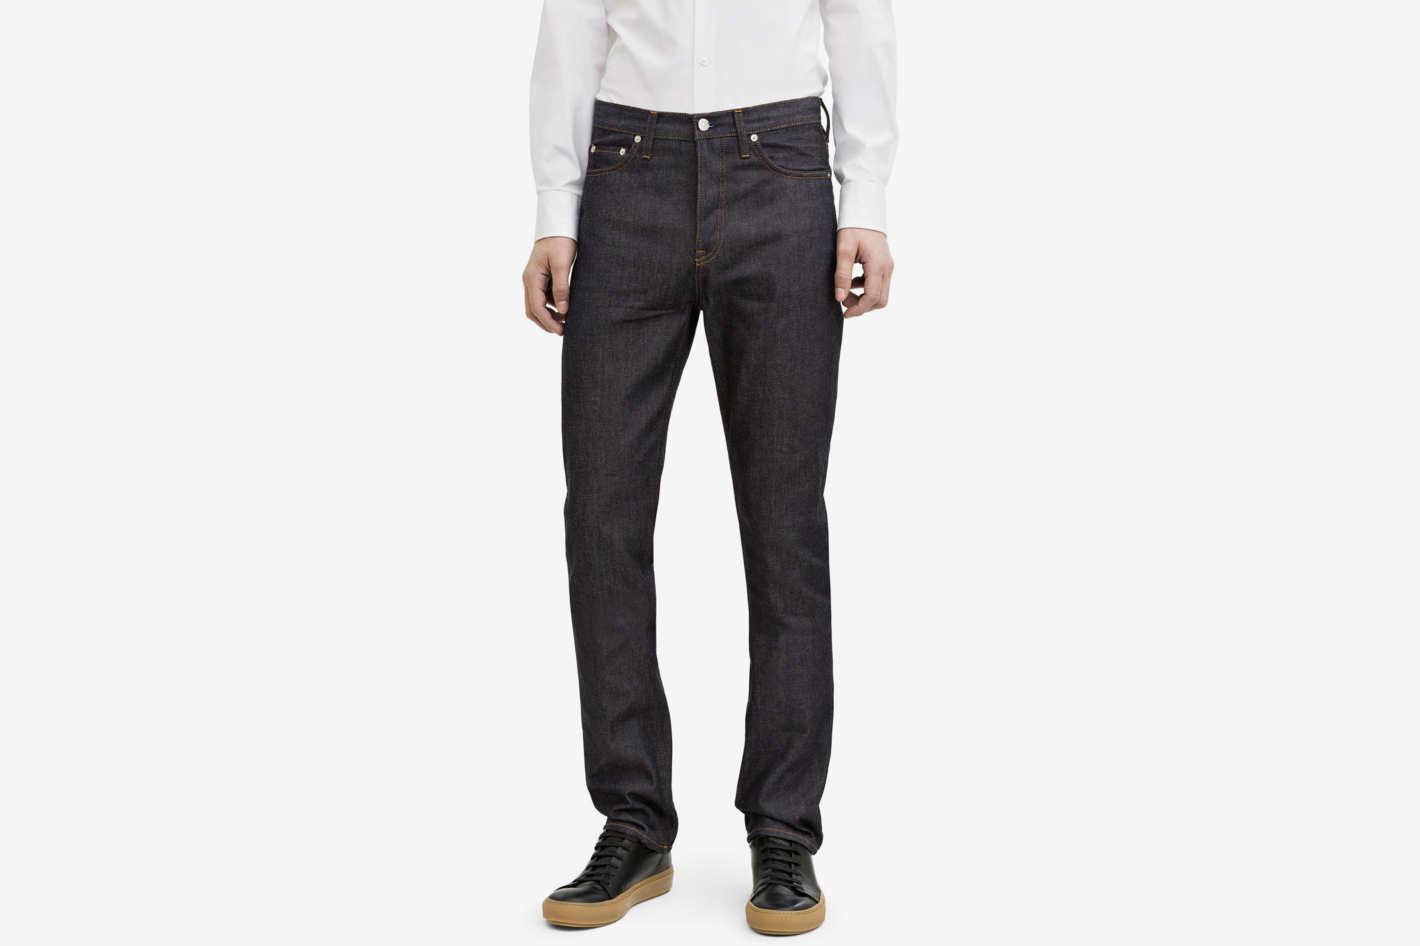 Van Raw Jeans